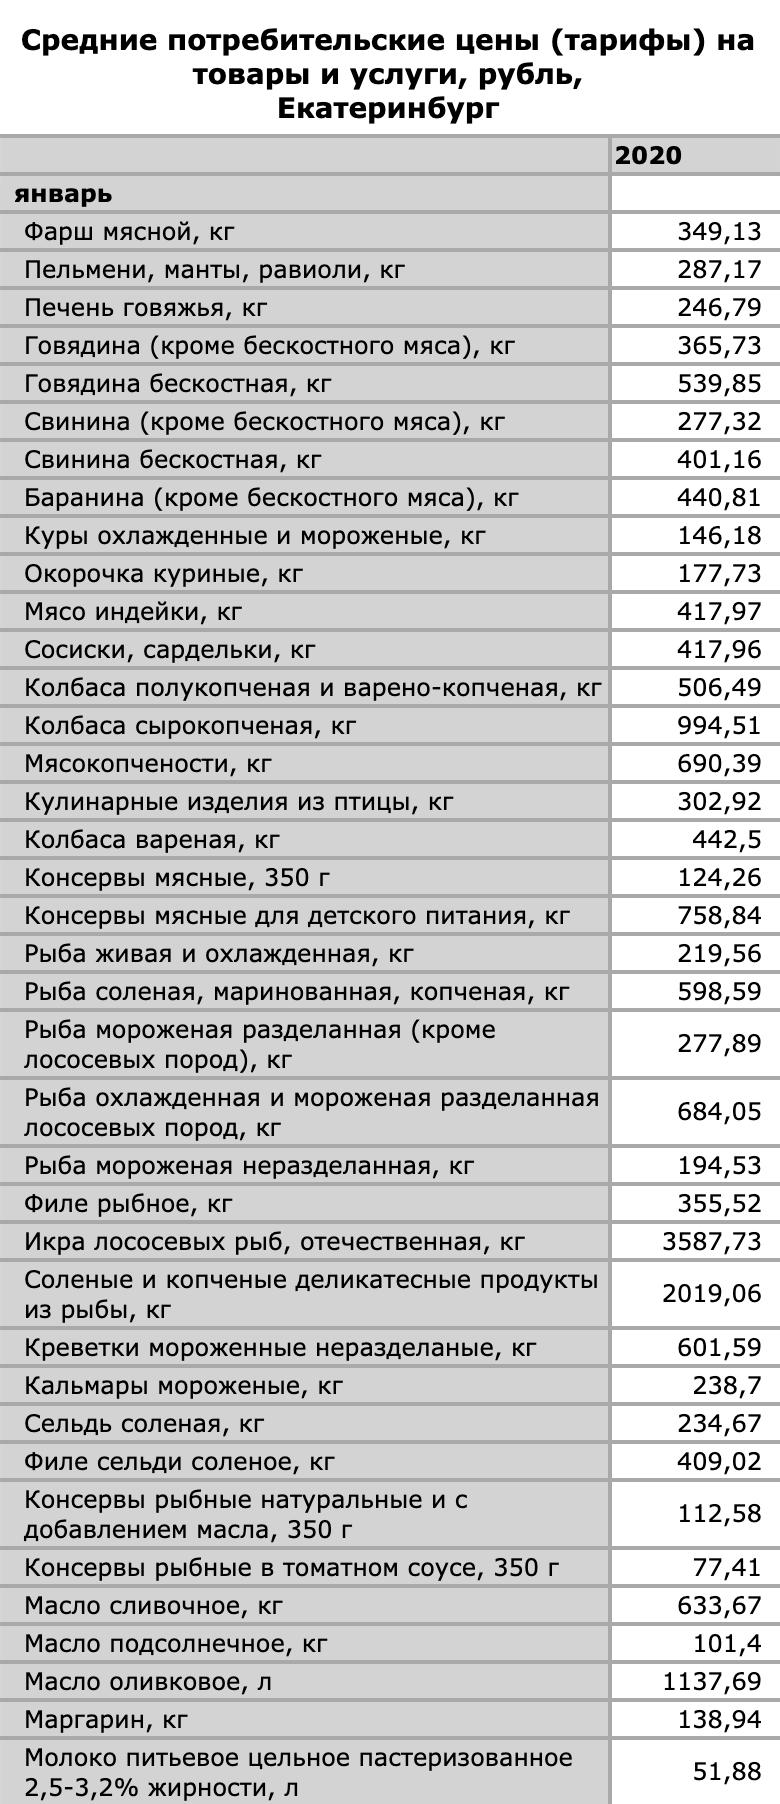 Пример цен на некоторые продукты — это данные за 2020{amp}amp;nbsp;год в Екатеринбурге